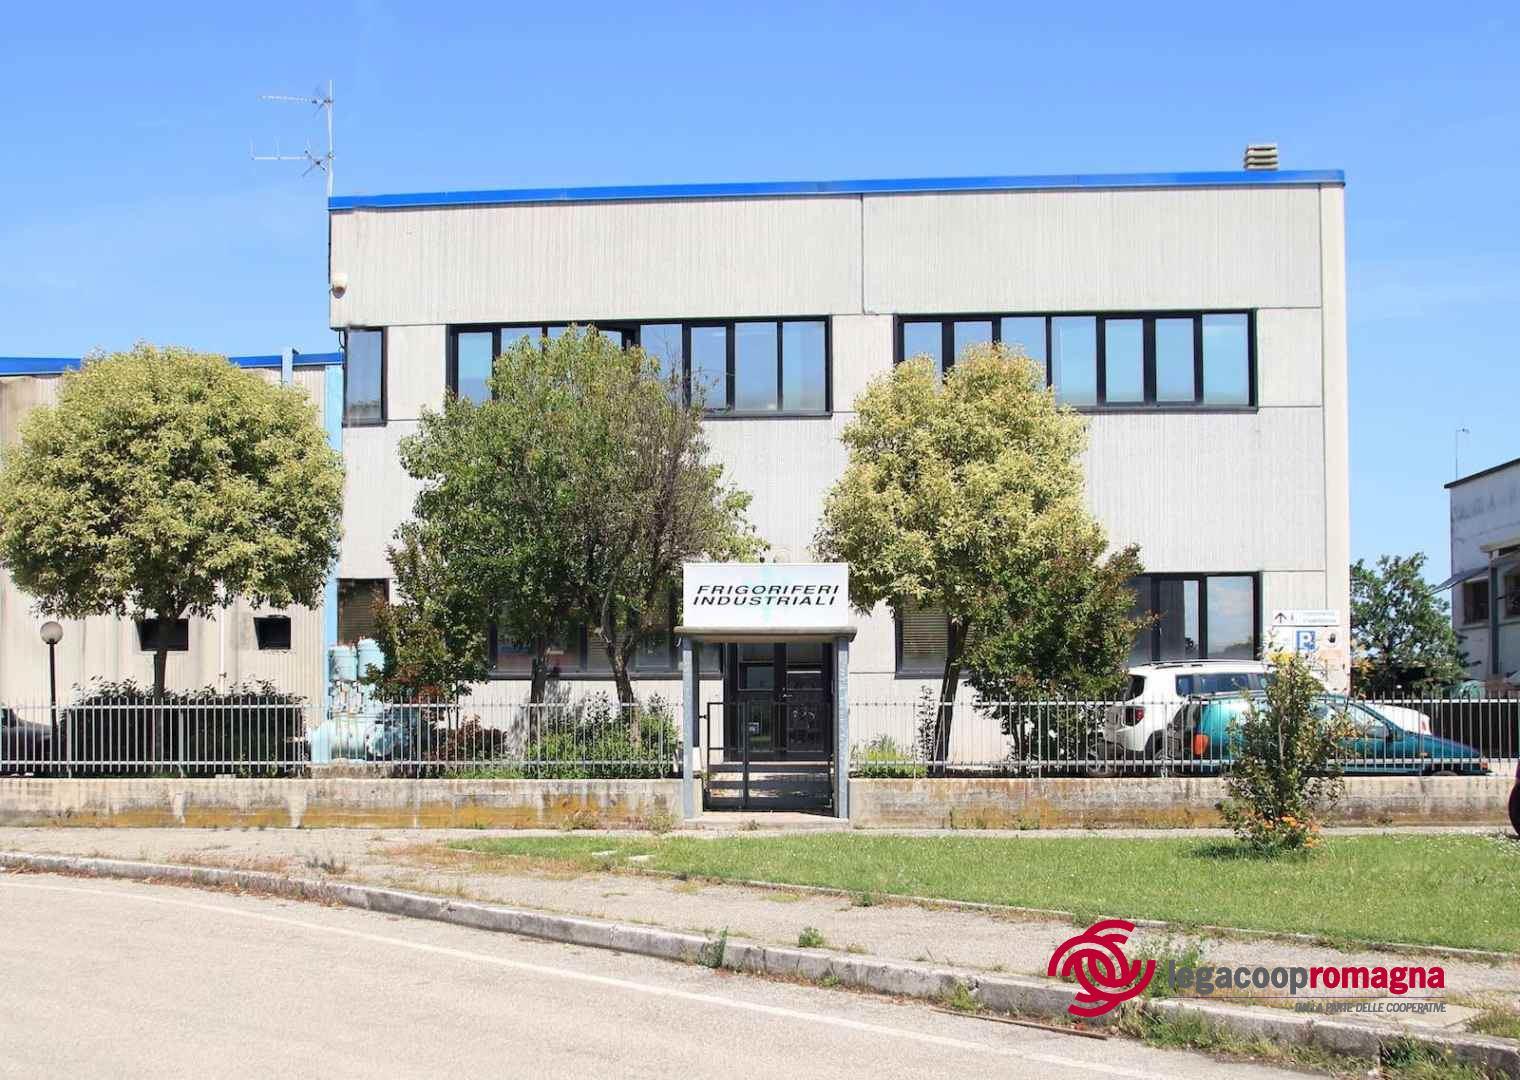 La cooperativa Frigoriferi Industriali dona 10mila euro ai medici del Bufalini di Cesena